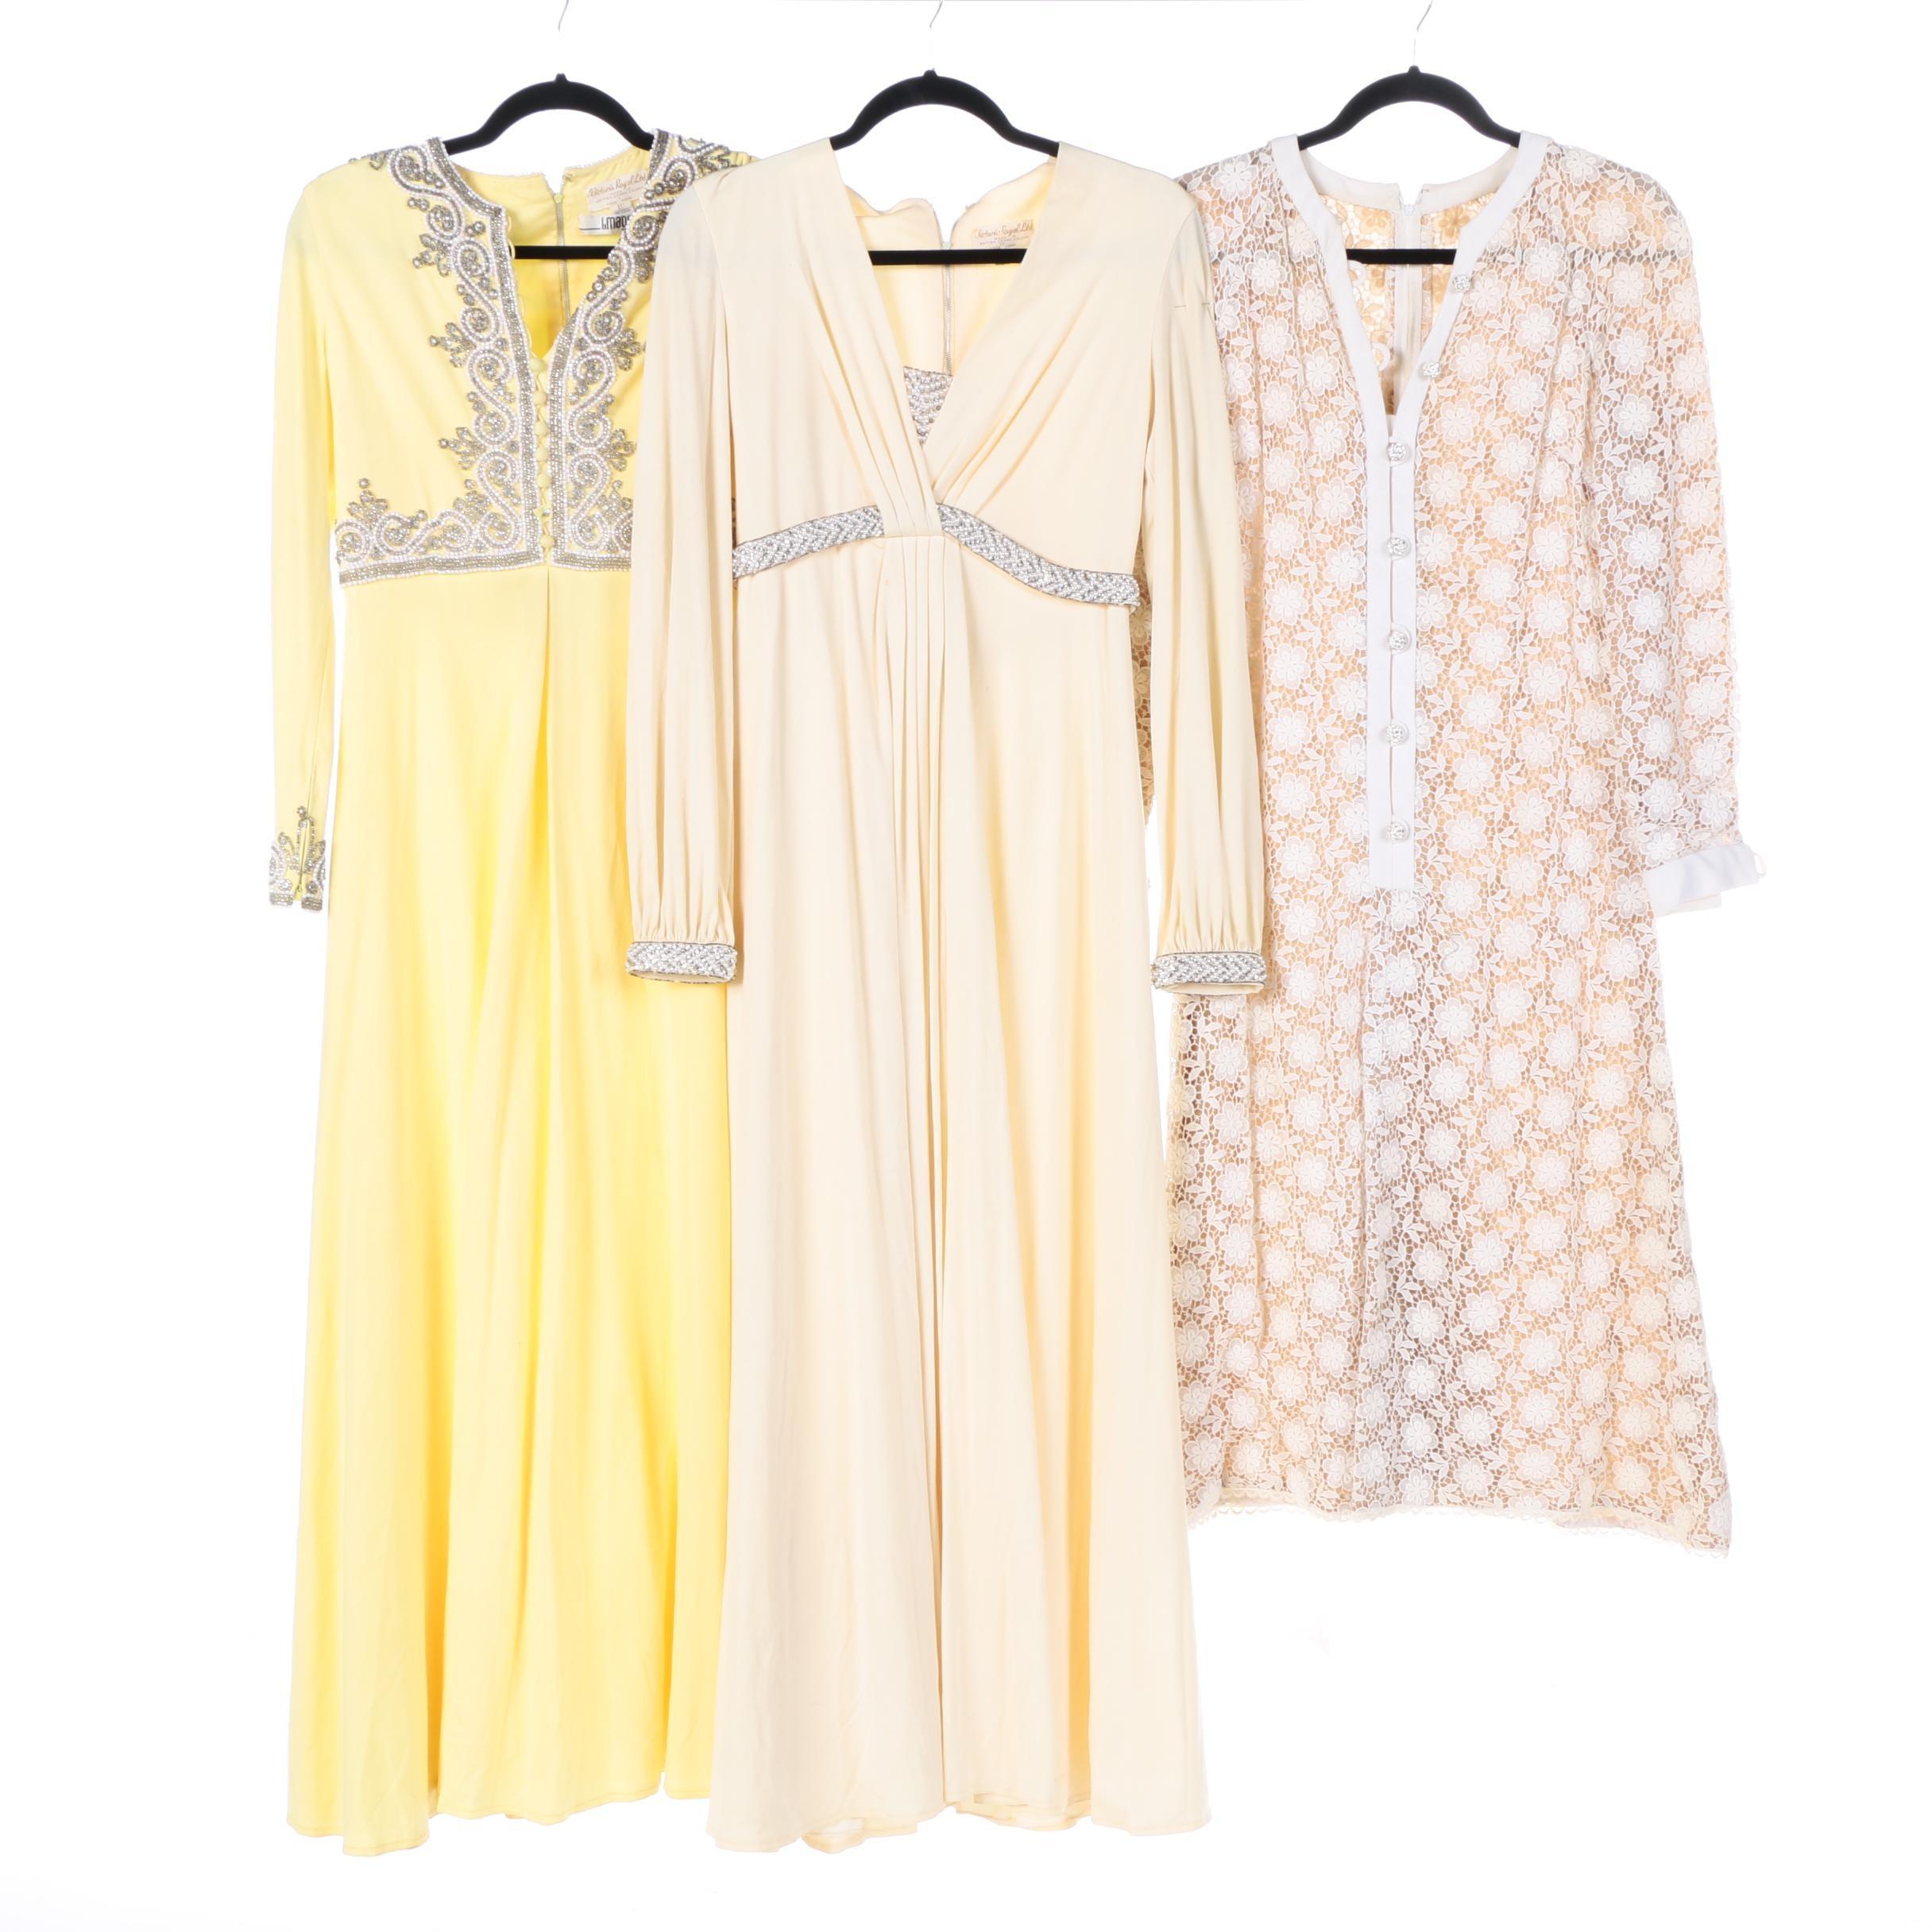 Three Vintage Dresses